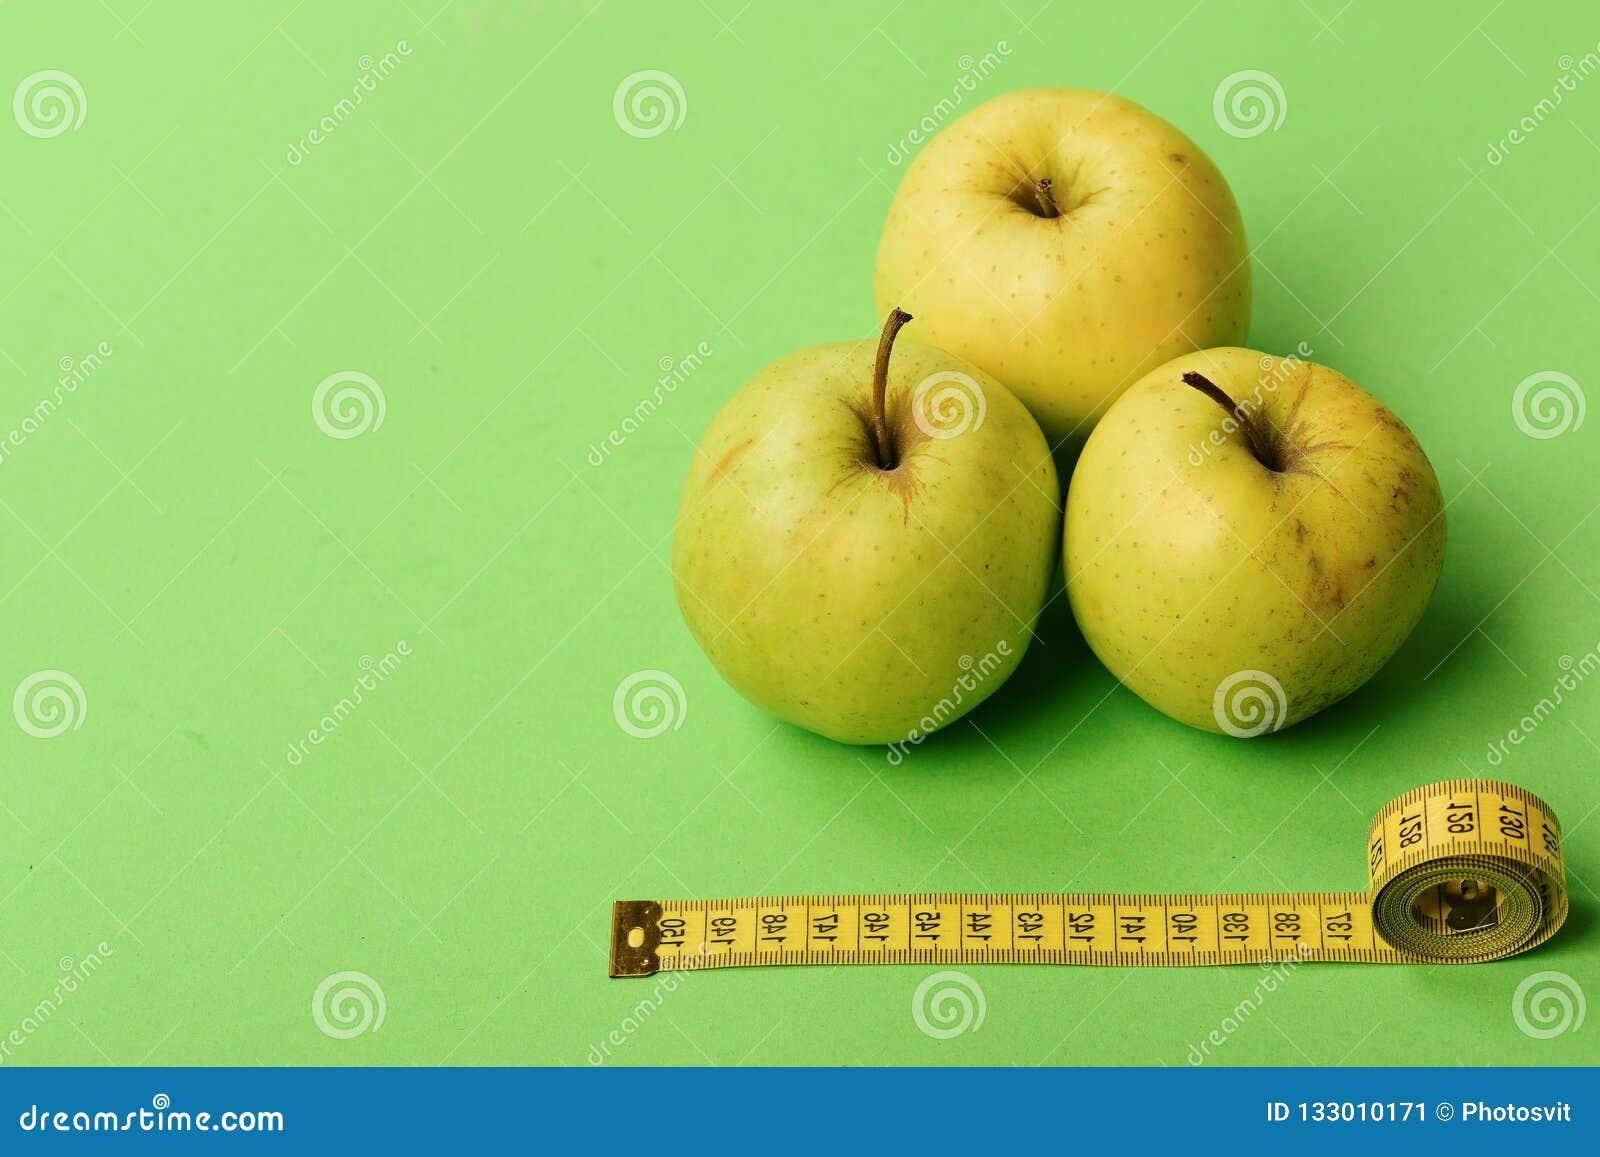 perdida de peso y atletismo